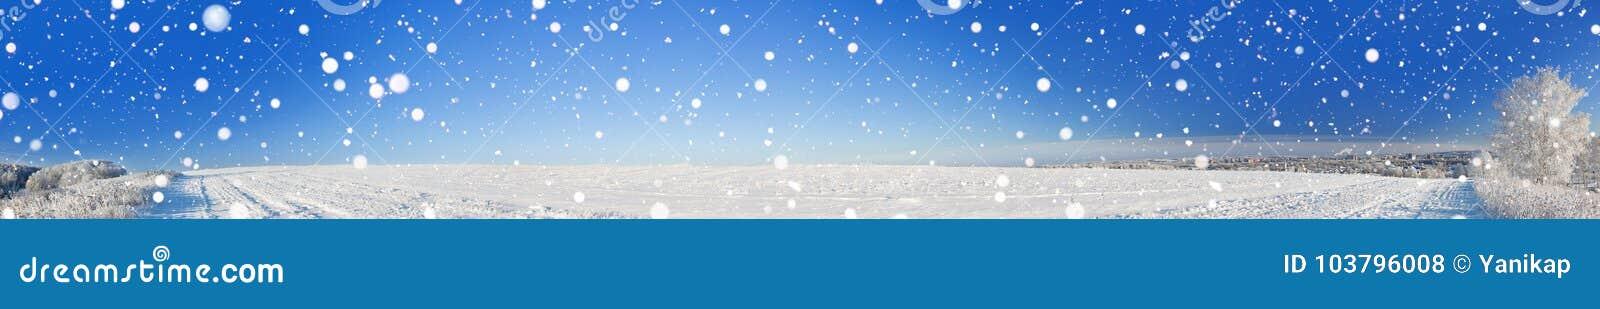 Panorama rural de paysage d hiver avec un champ, neige, forêt, ville